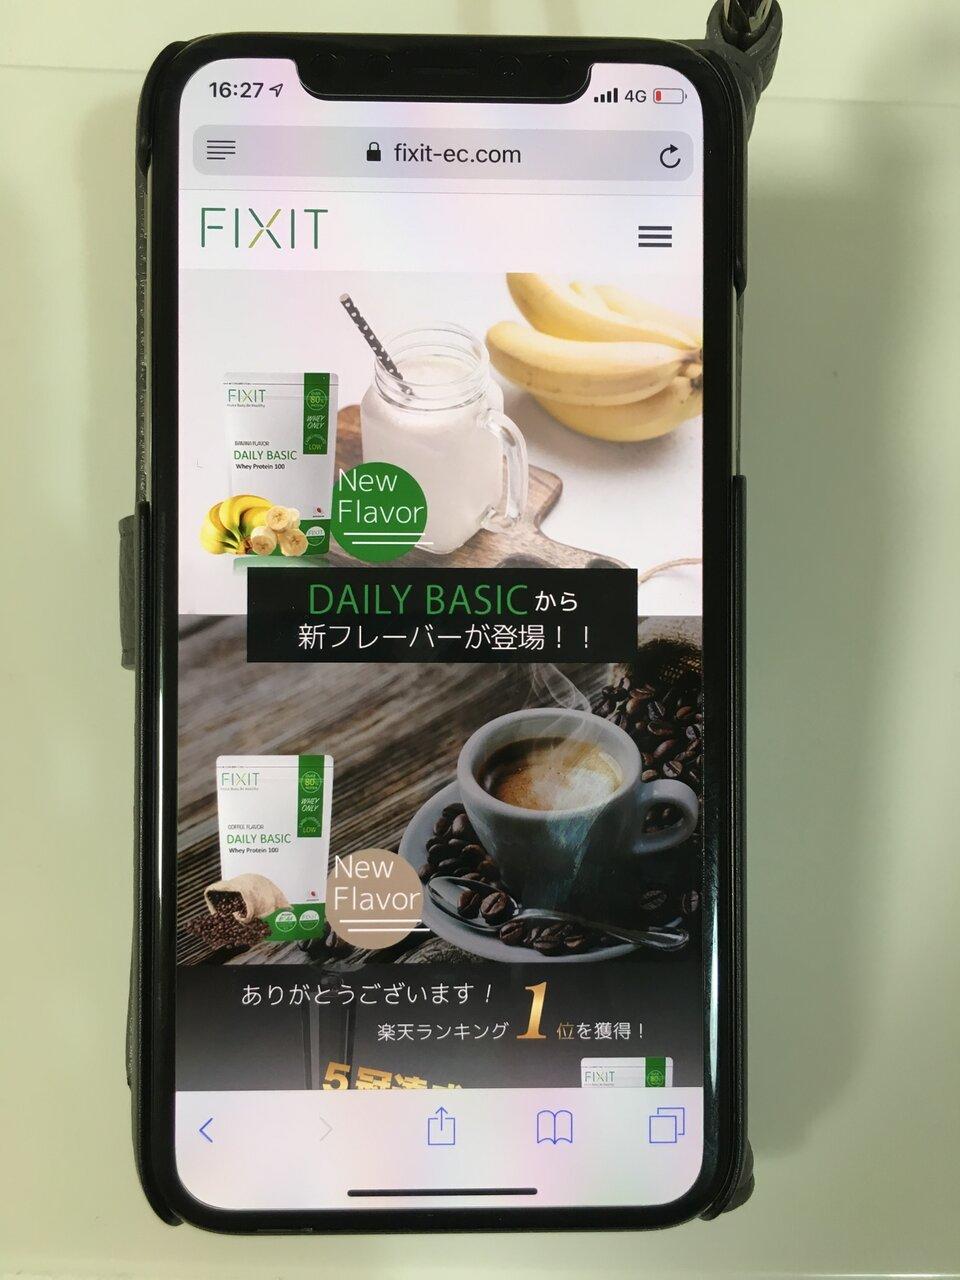 FIXIT サイト